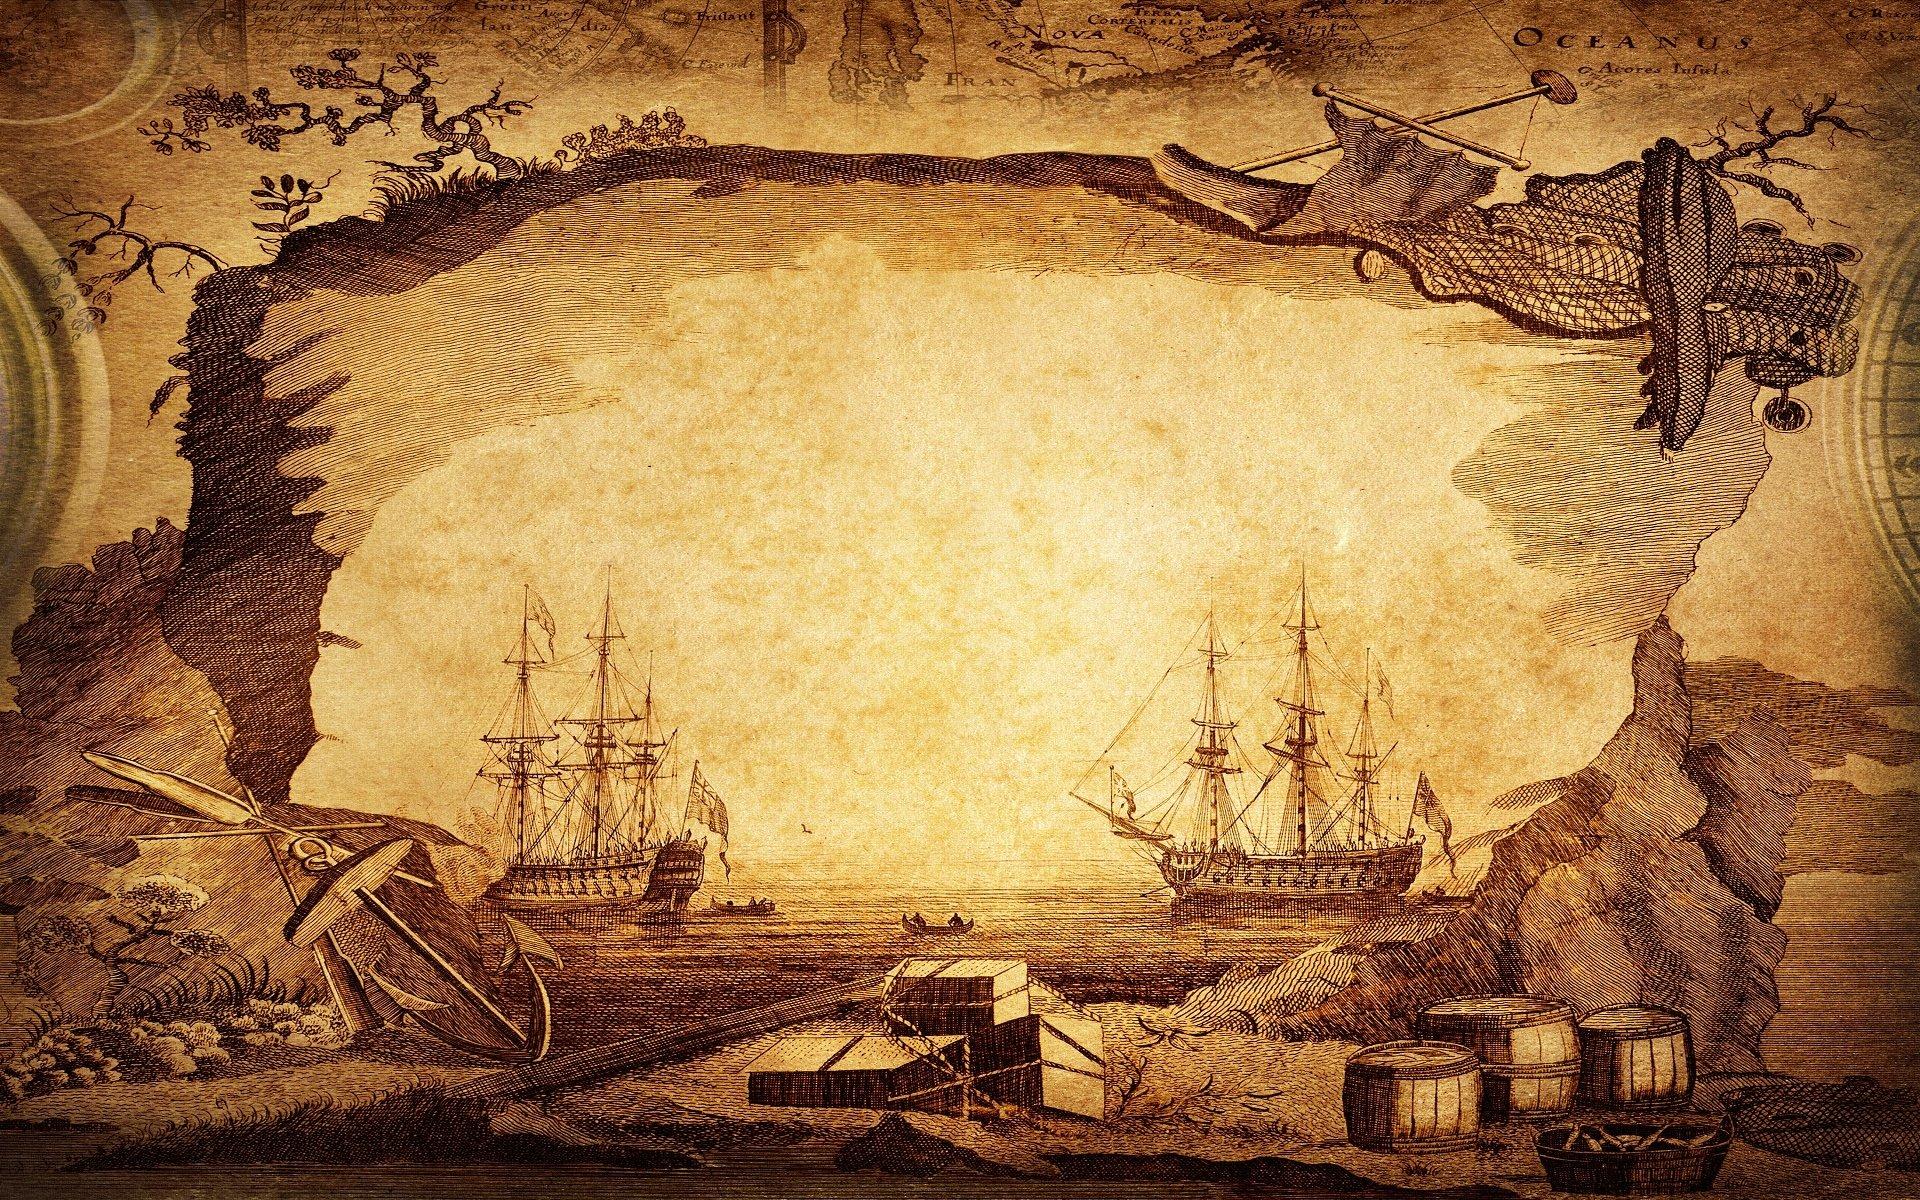 Hình nền powerpoint lịch sử bến cảng và thuyền